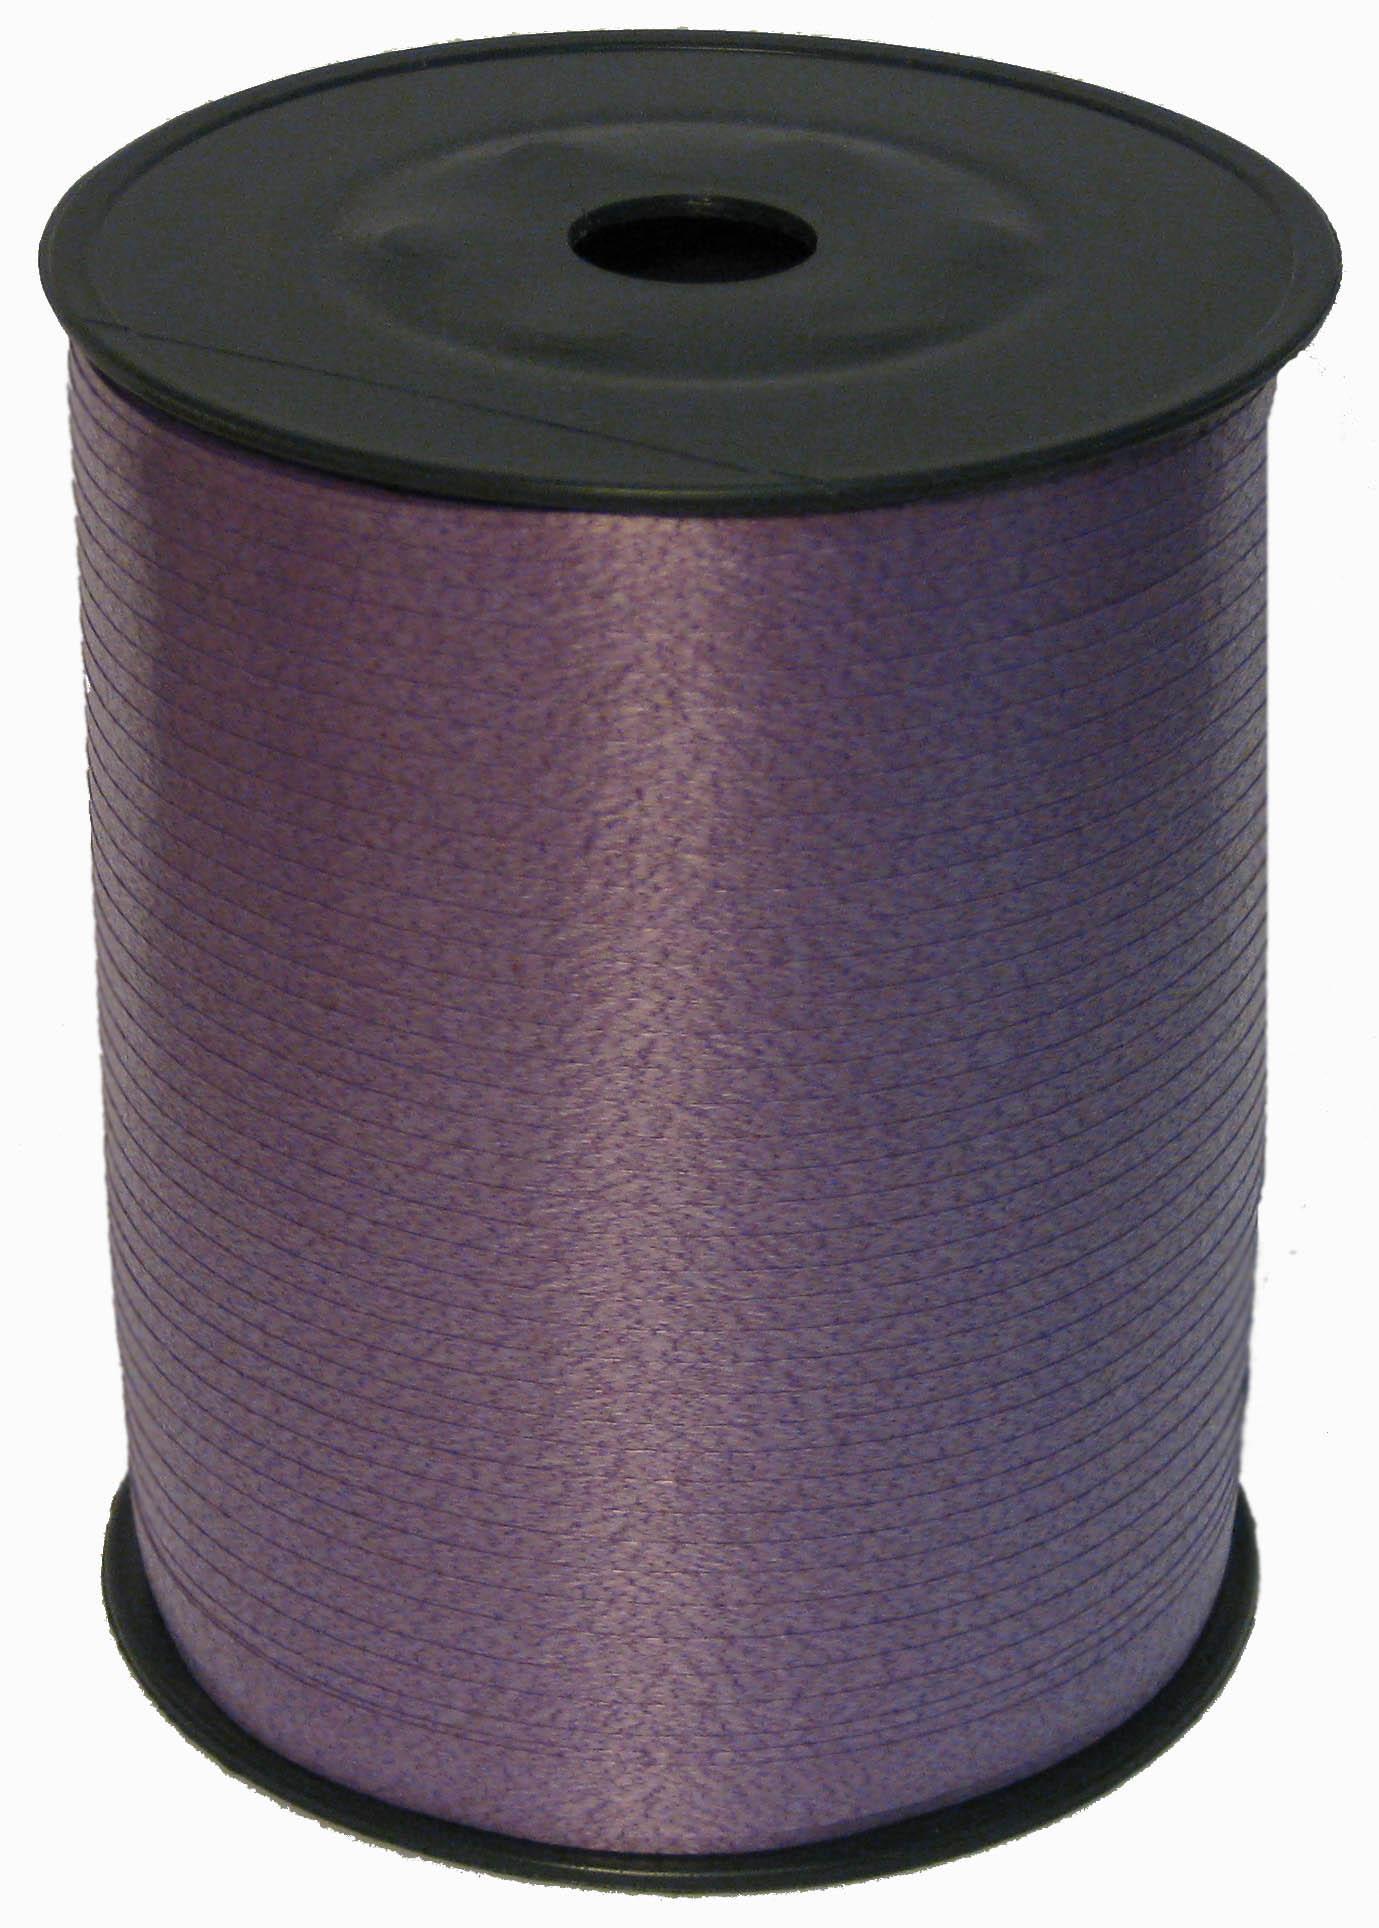 Лента цвет Фиолетовый, бобина 0,5 см / 500 м, Россия